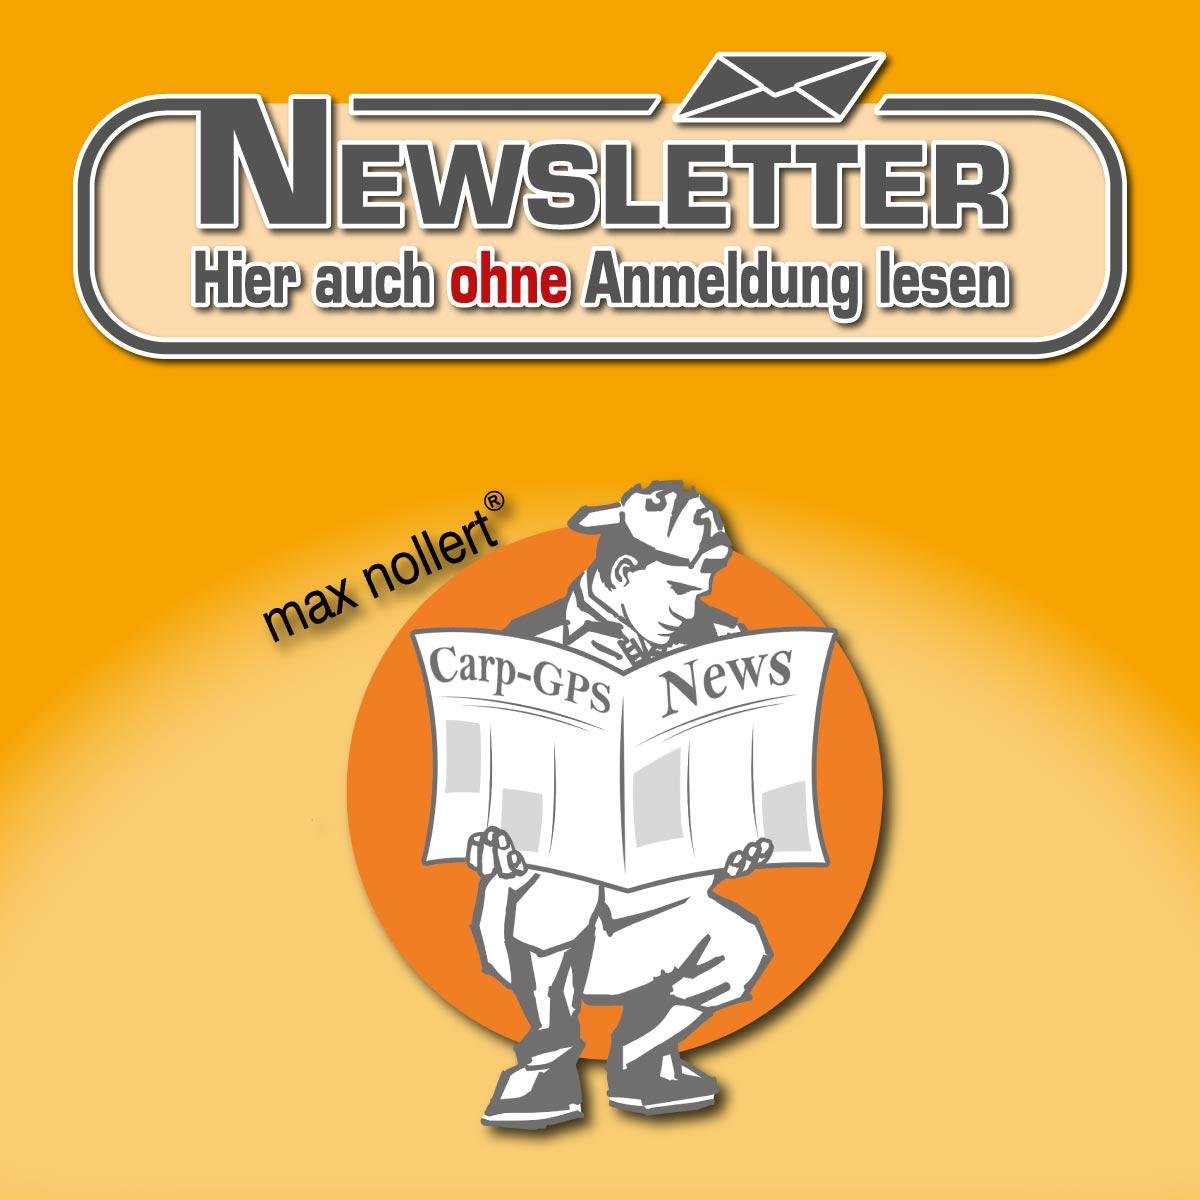 ib_newsletter_ohne_anmeldung